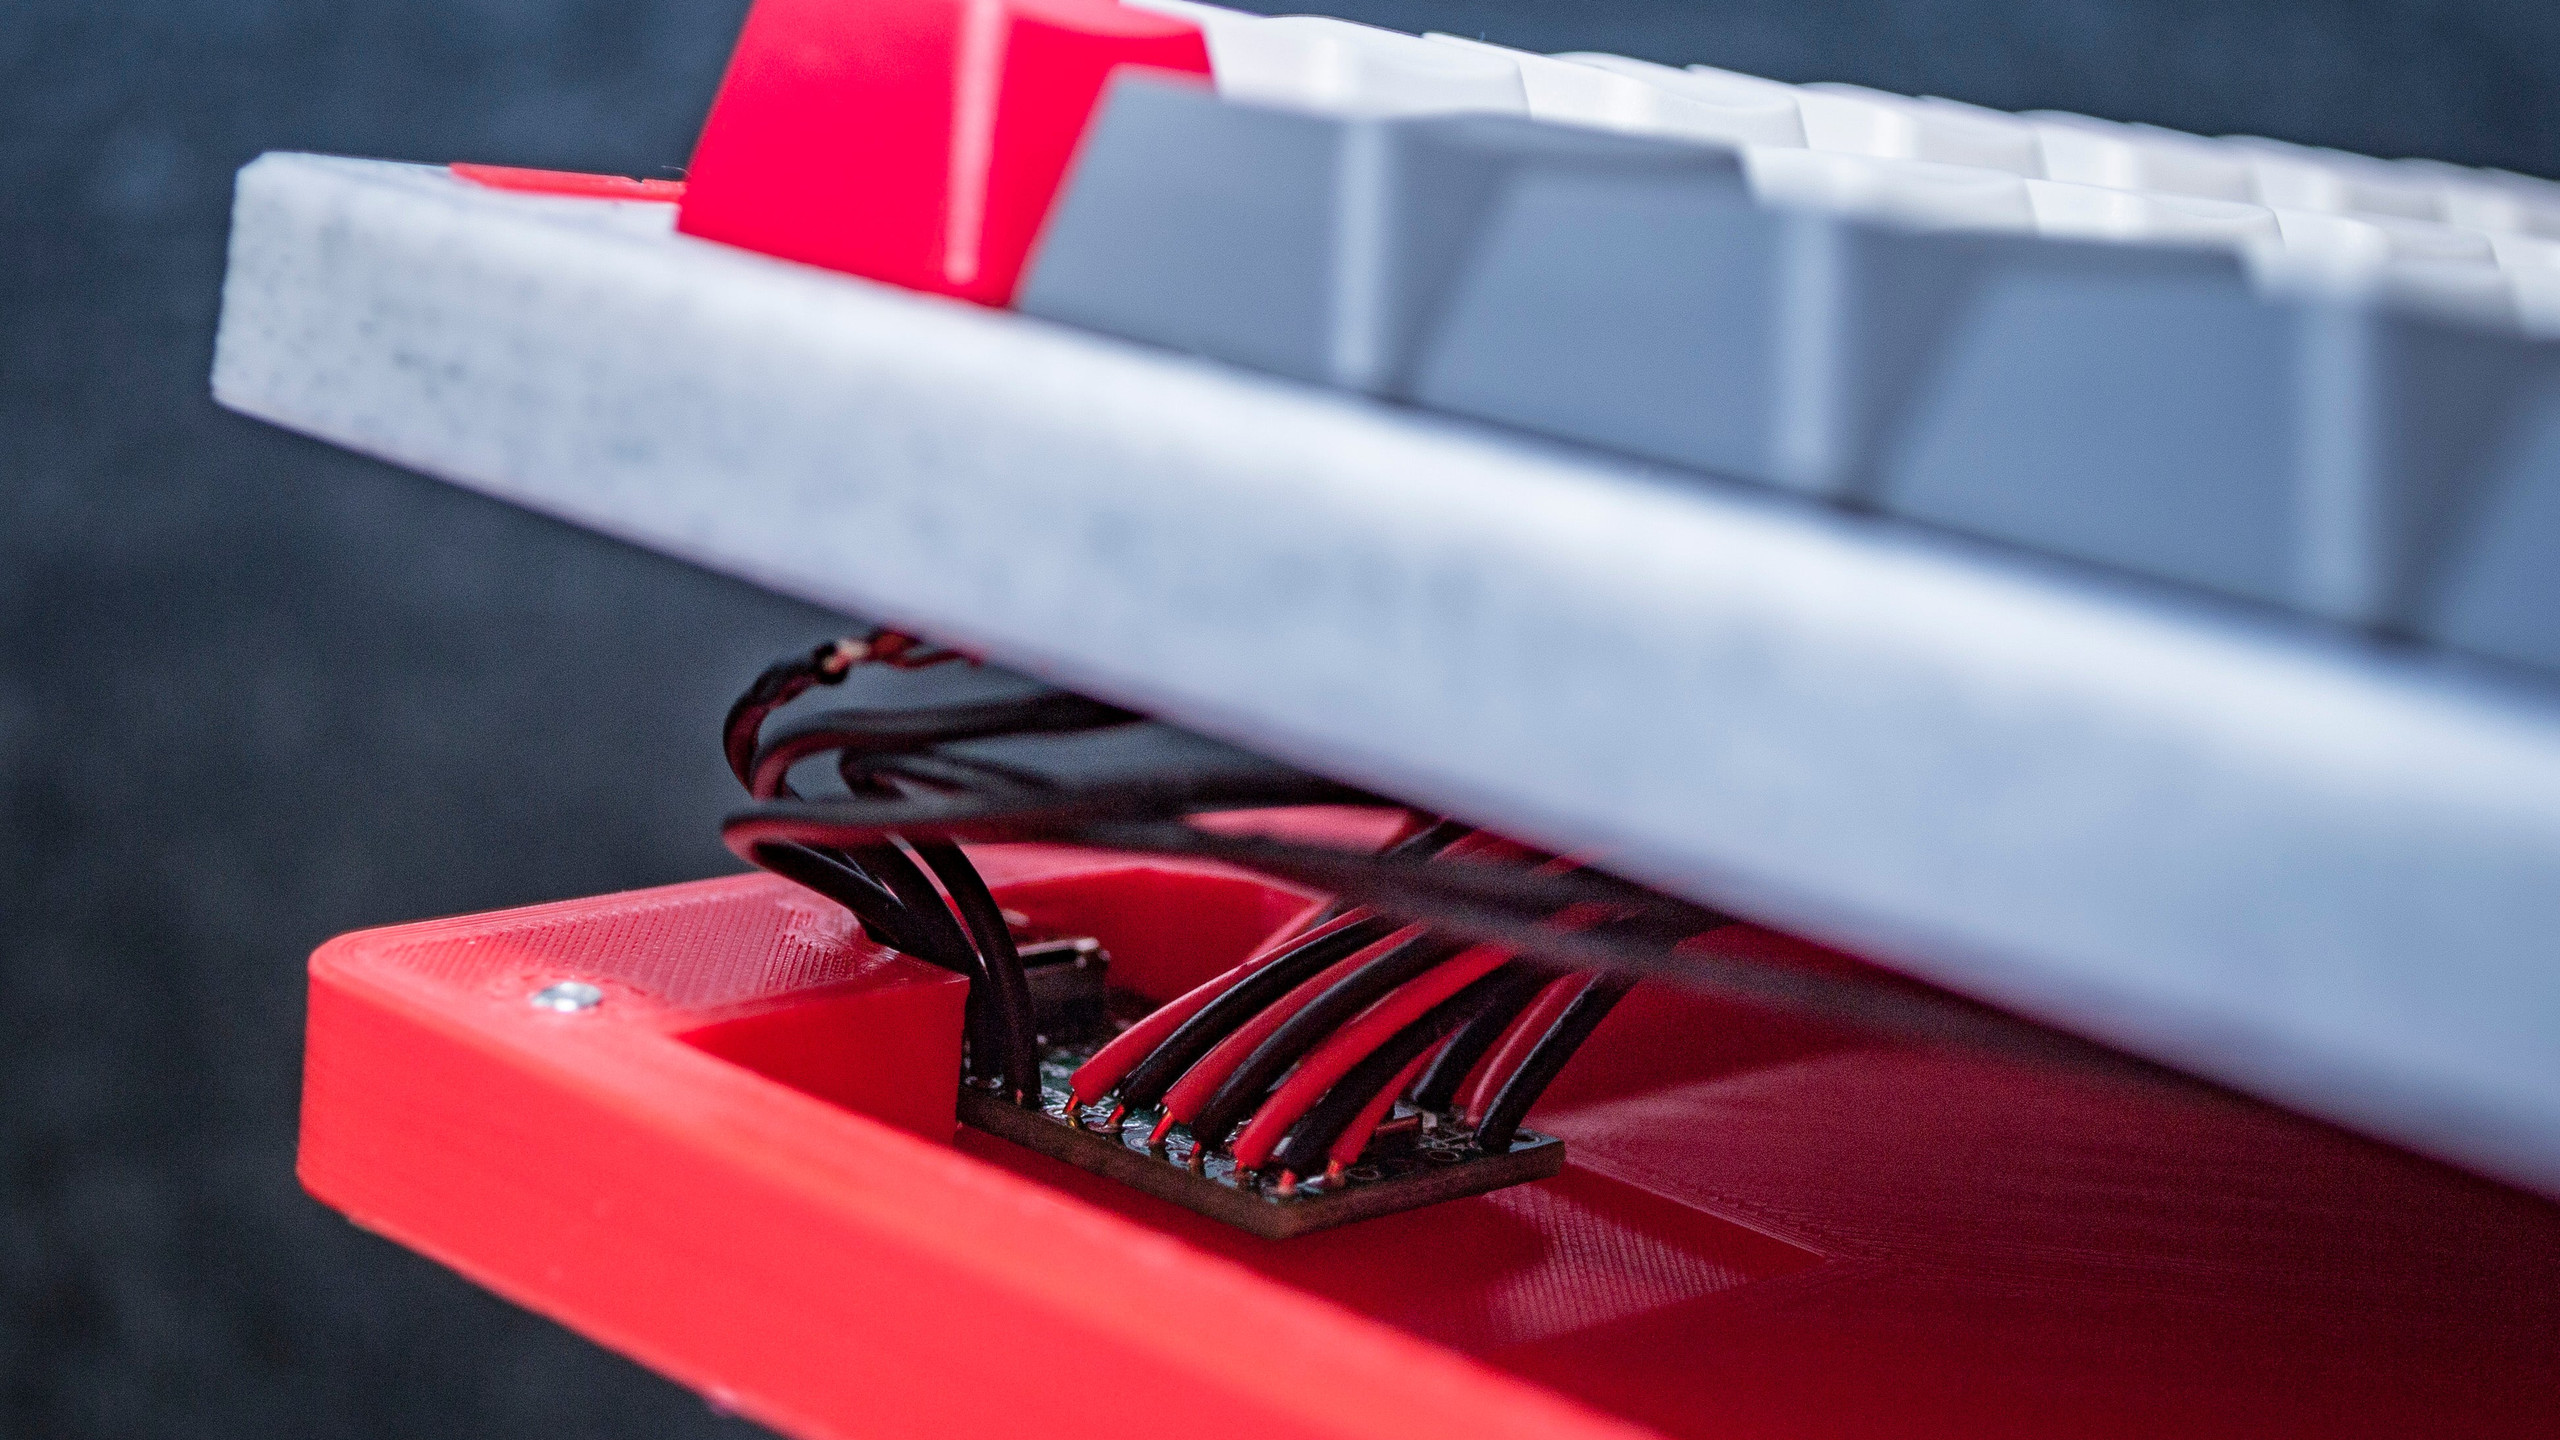 Mechanical Keyboard - SiCK-68 by Fed